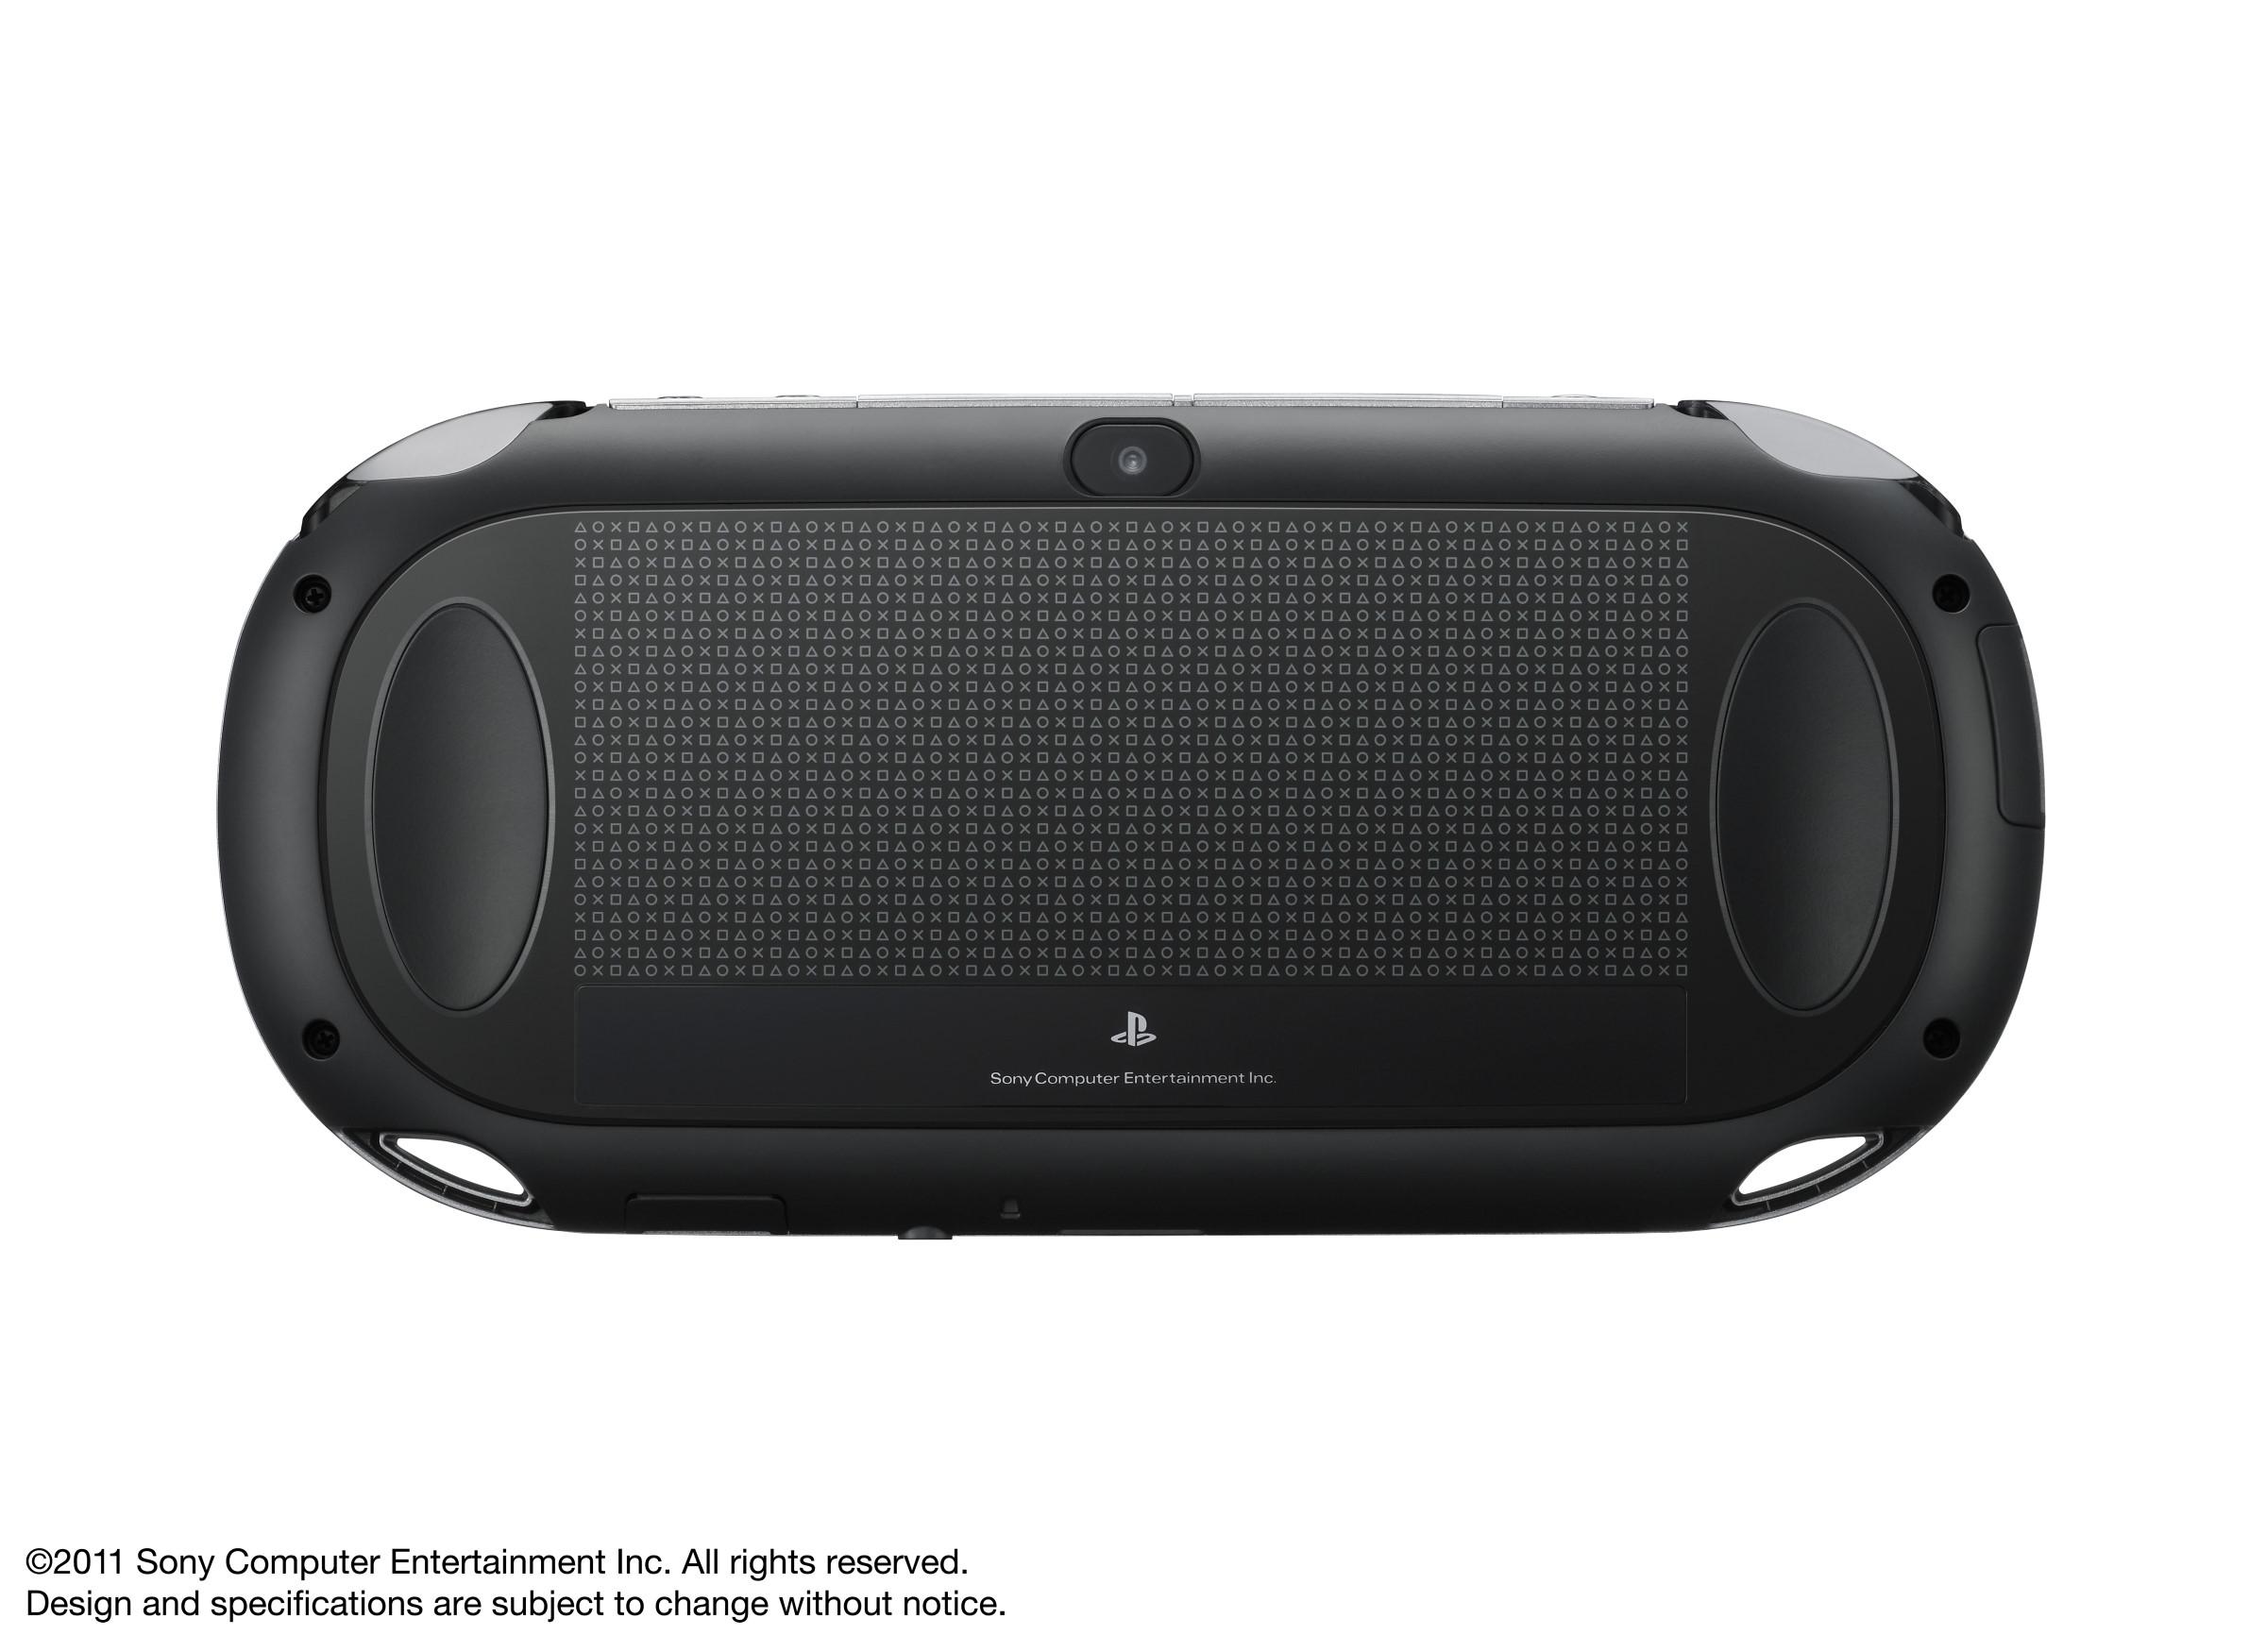 PS Vita - Rear